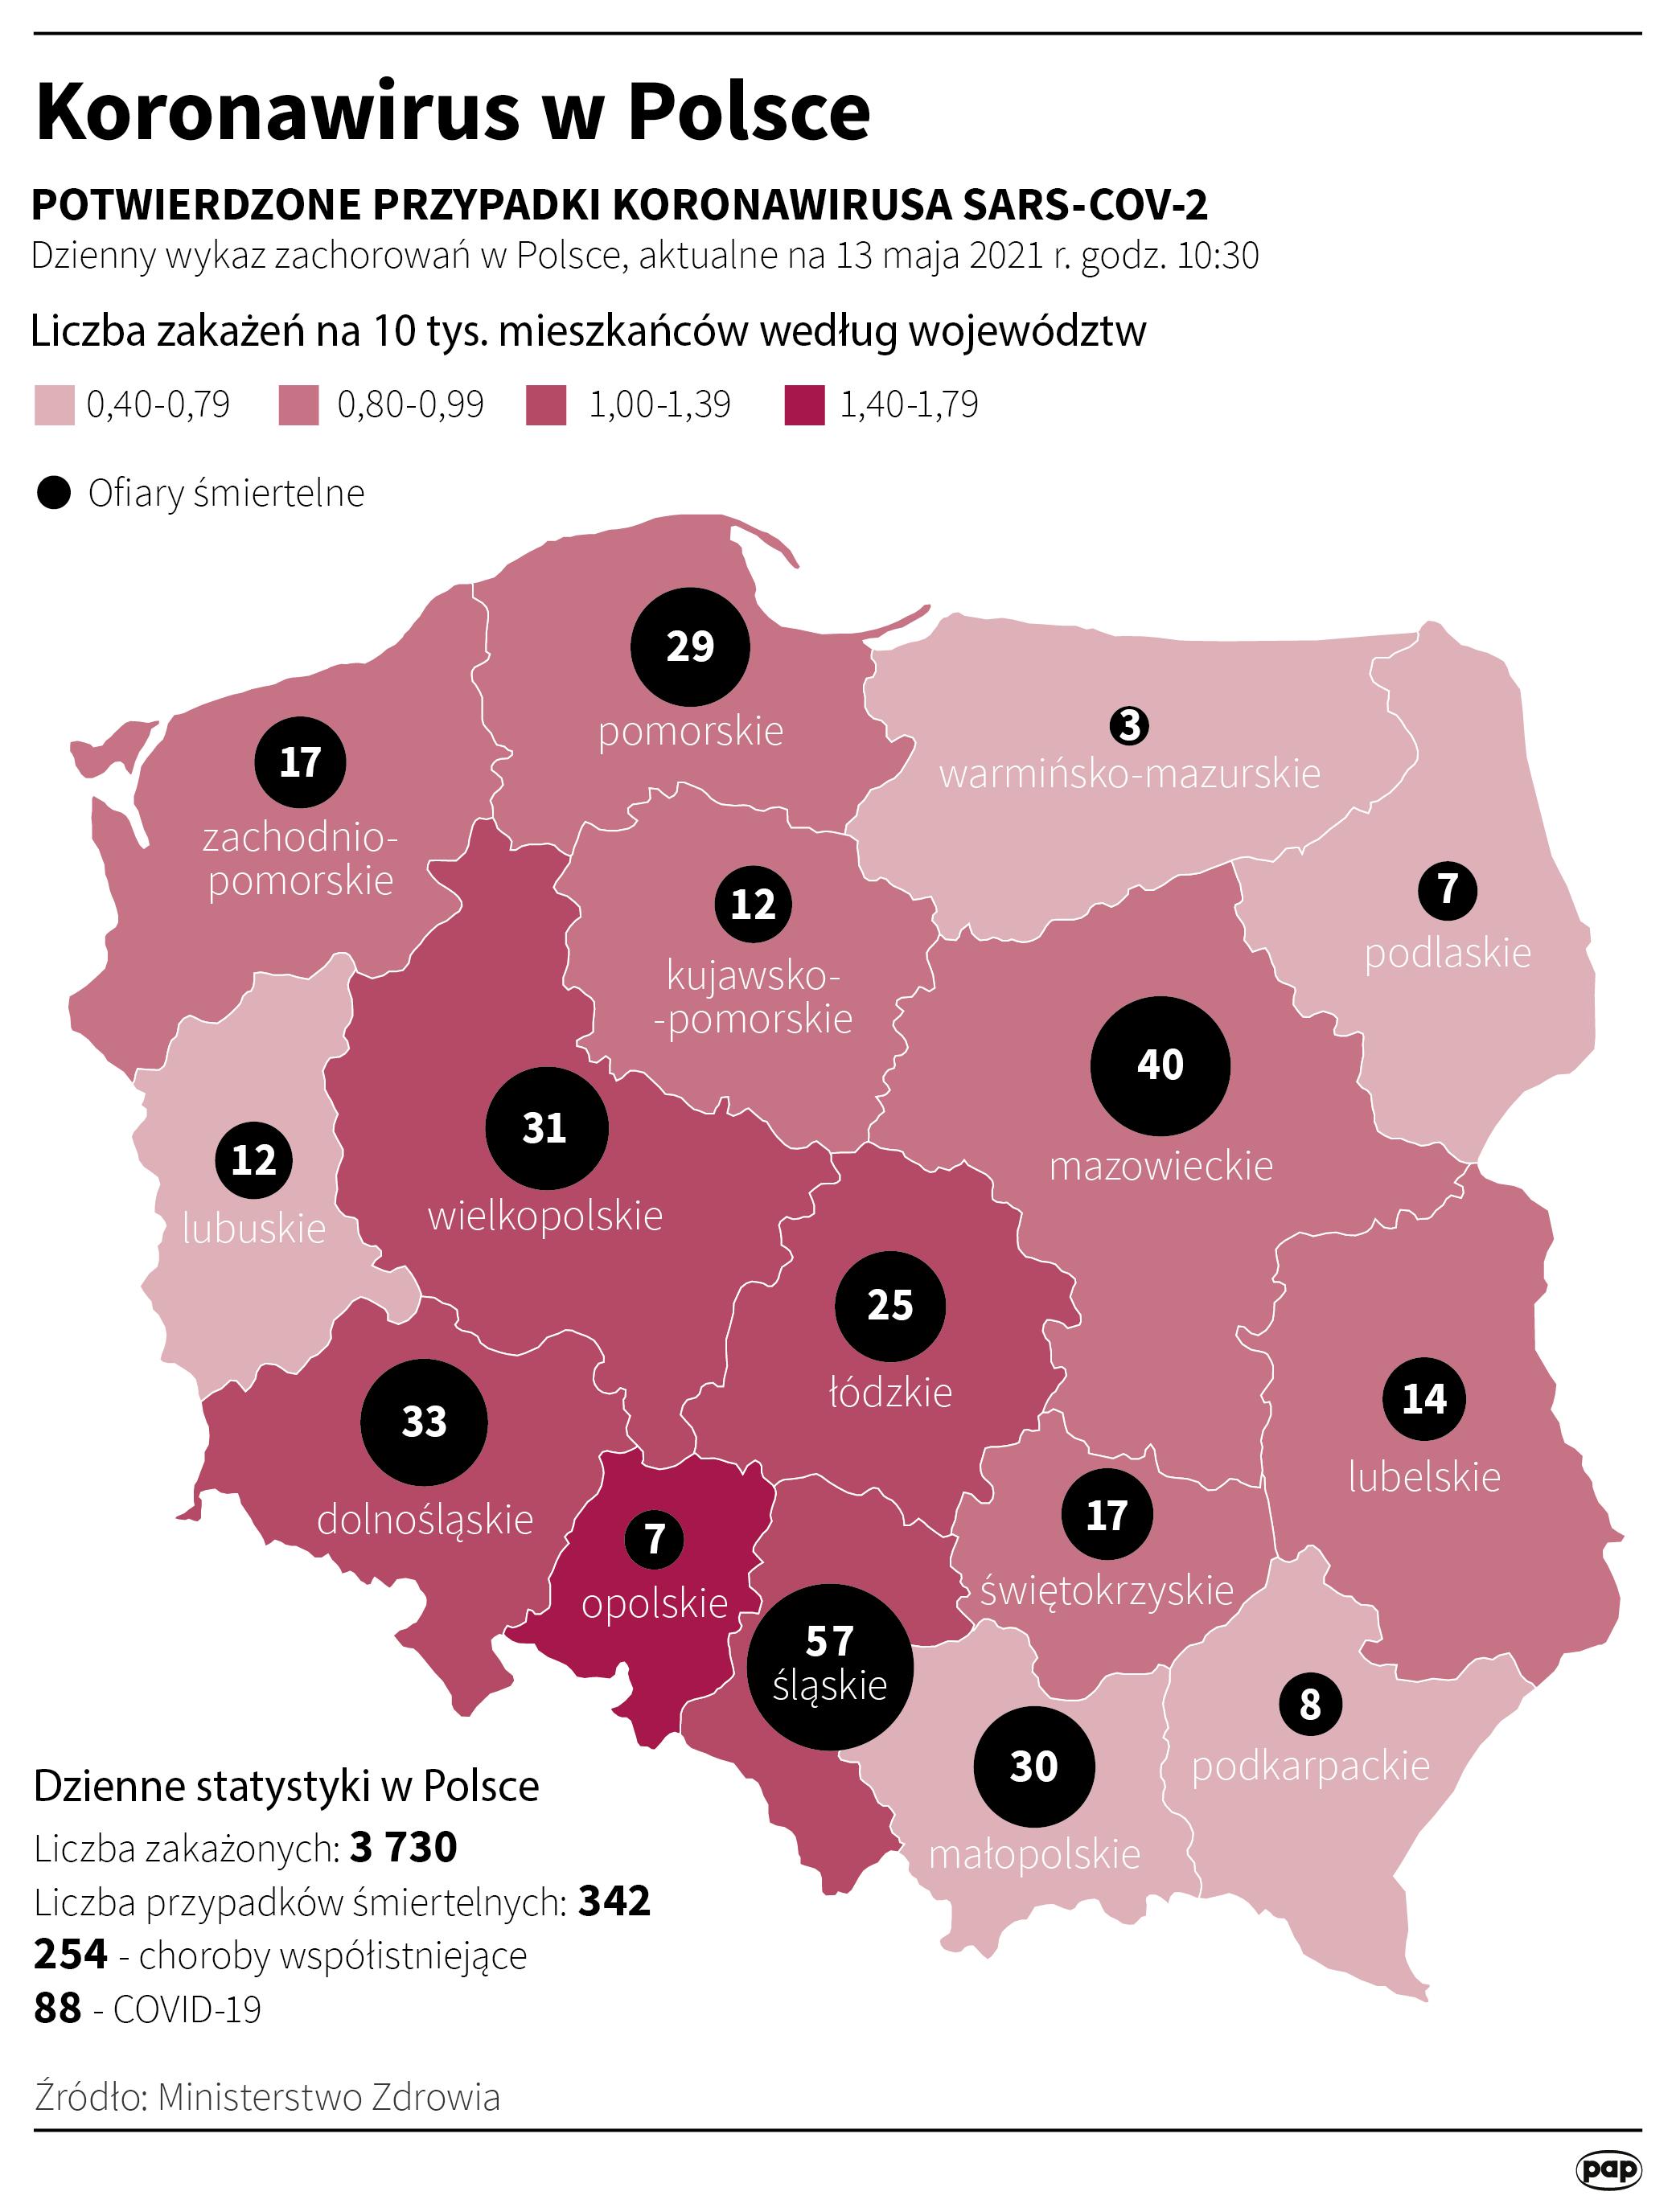 Koronawirus w Polsce - stan na 13 maja [Autor: Maciej Zieliński, źródło: PAP]